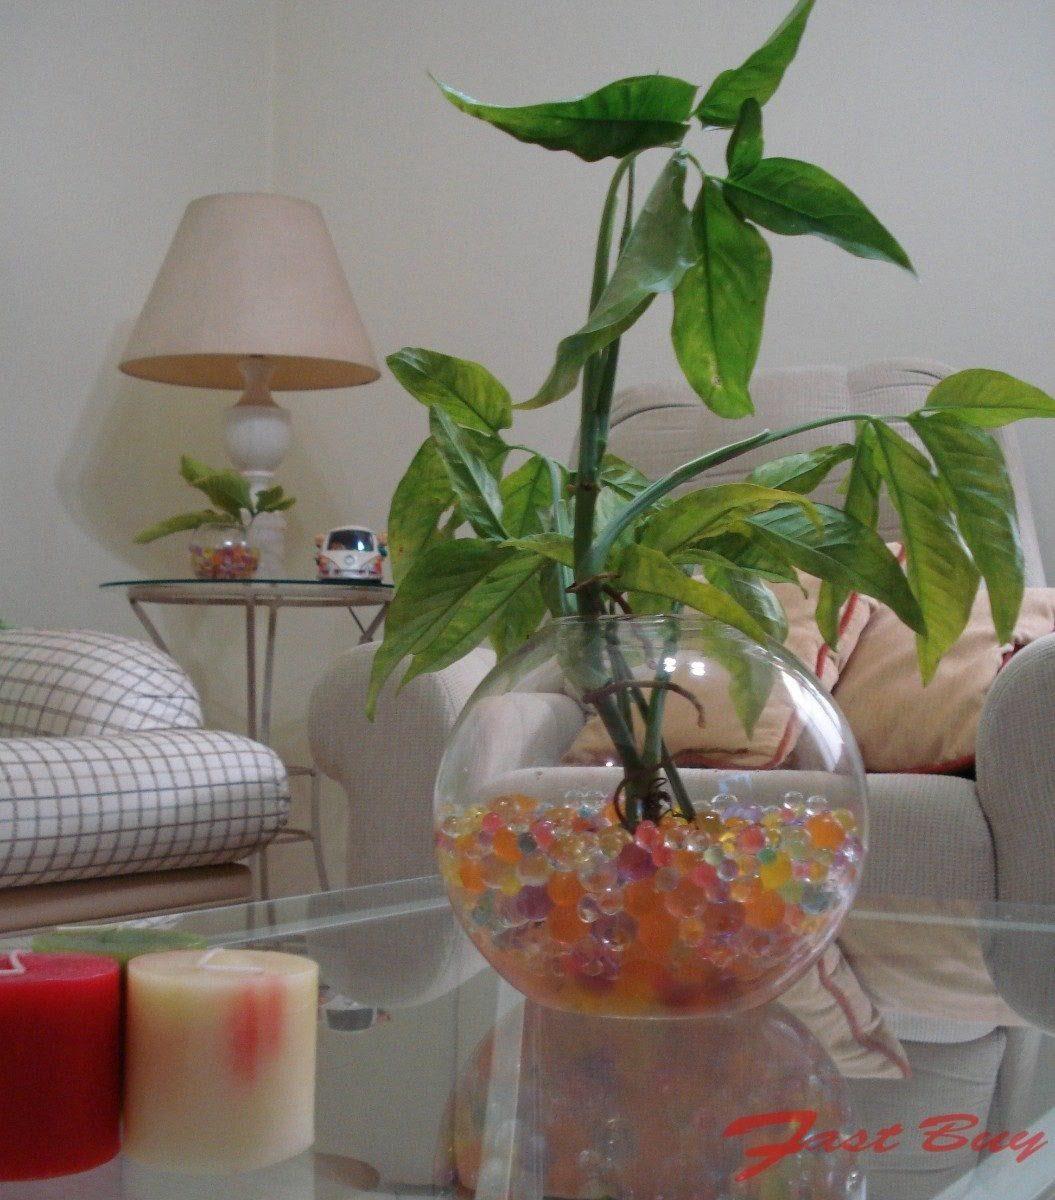 22aae725a gel cristais crescem na água decoração plantas vasos 50unid. Carregando  zoom.